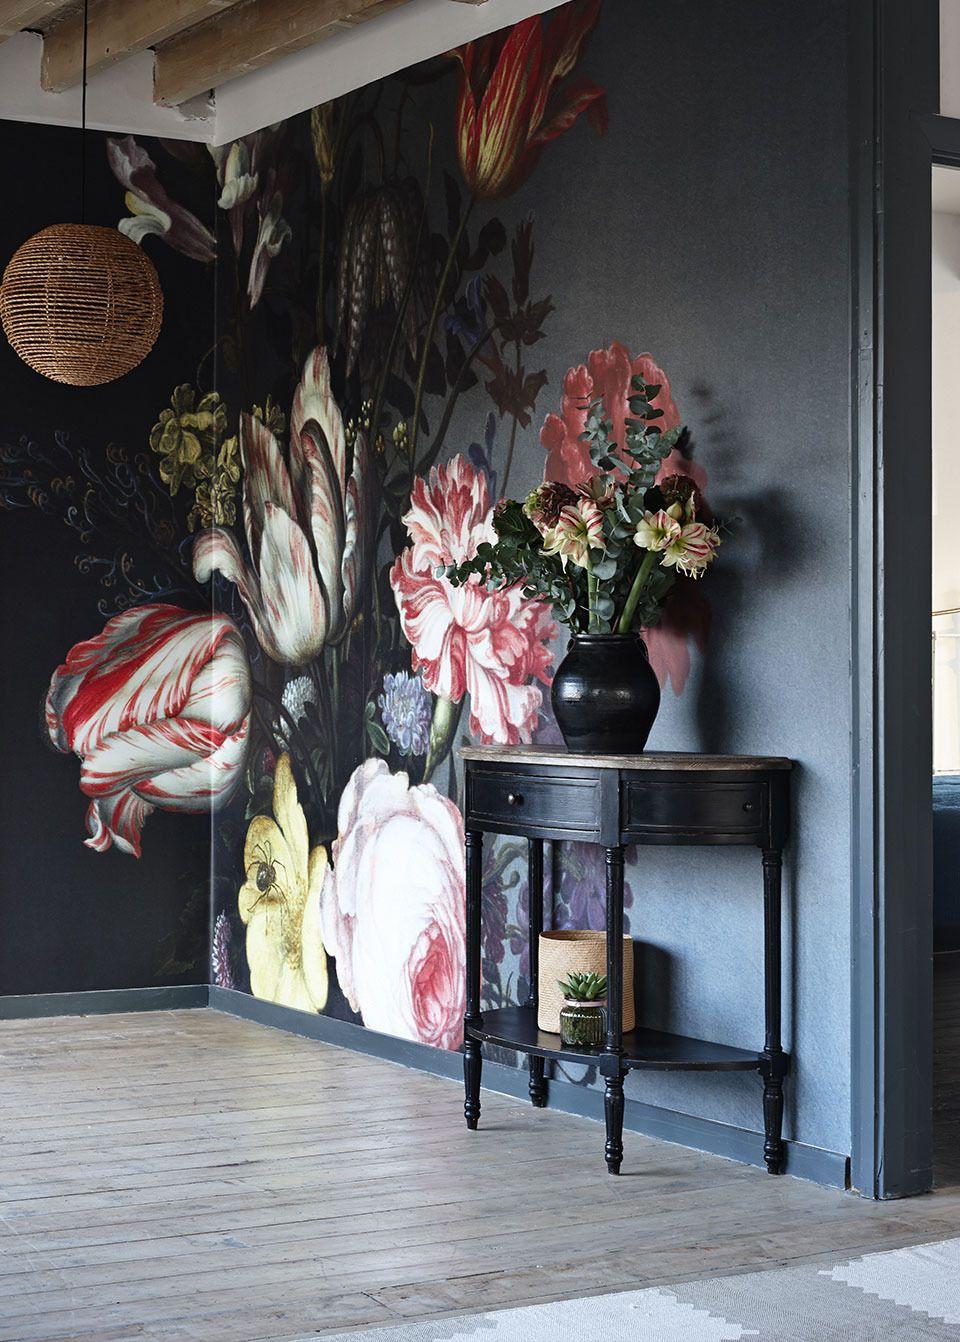 Bloemen In De Hal Ideeen Voor Thuisdecoratie Behang Kamer